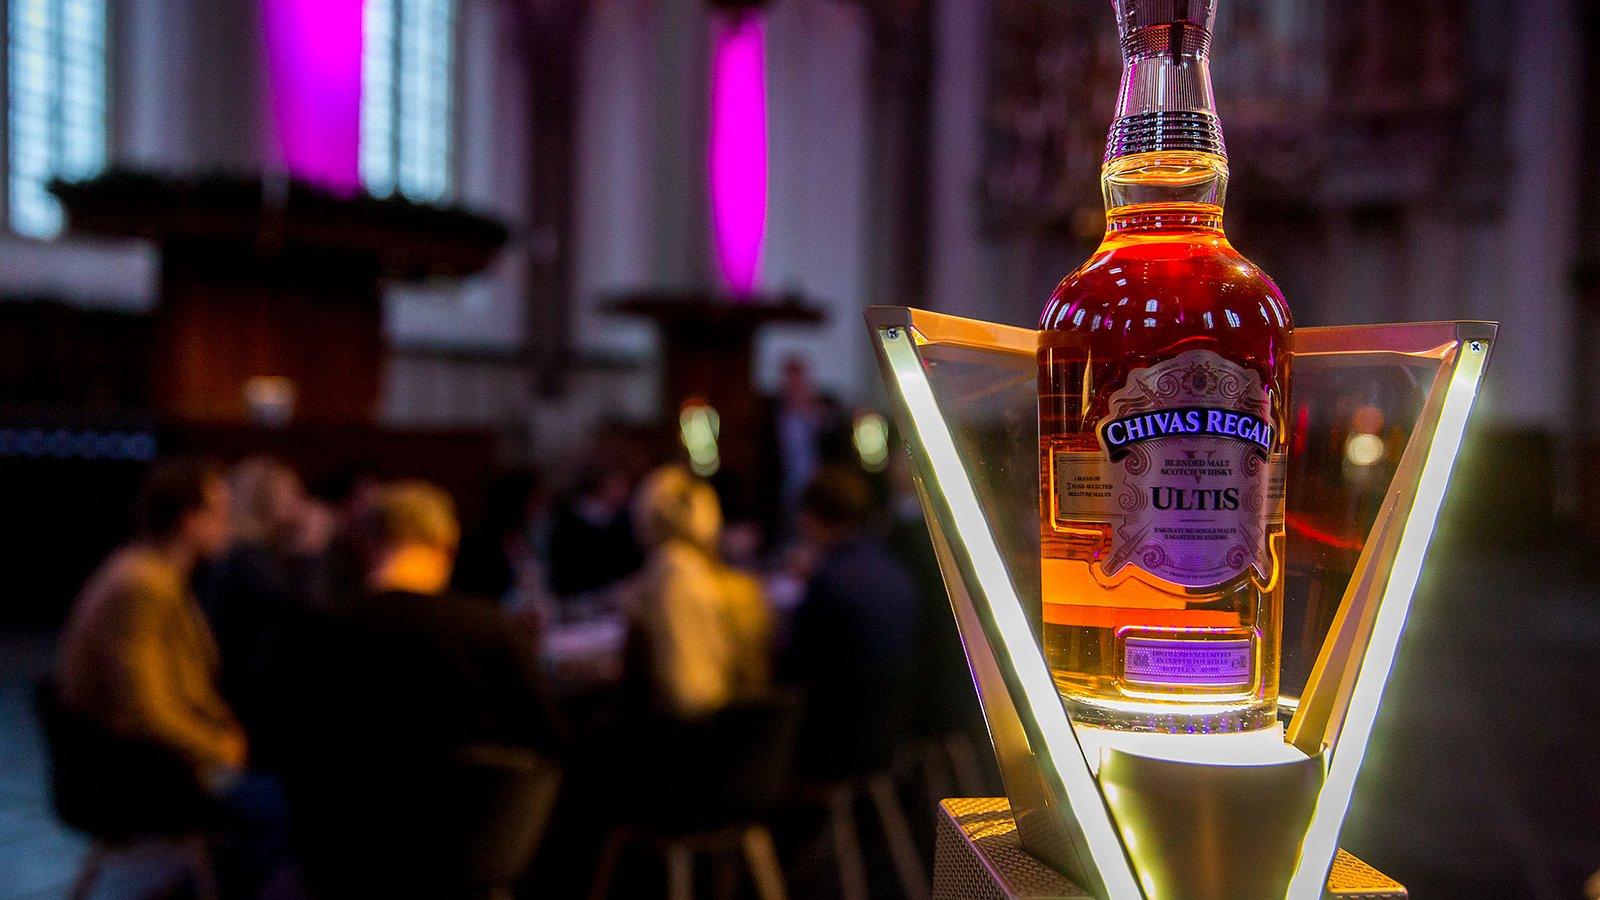 Chivas Regal Ultis: whisky met een rijke geschiedenis